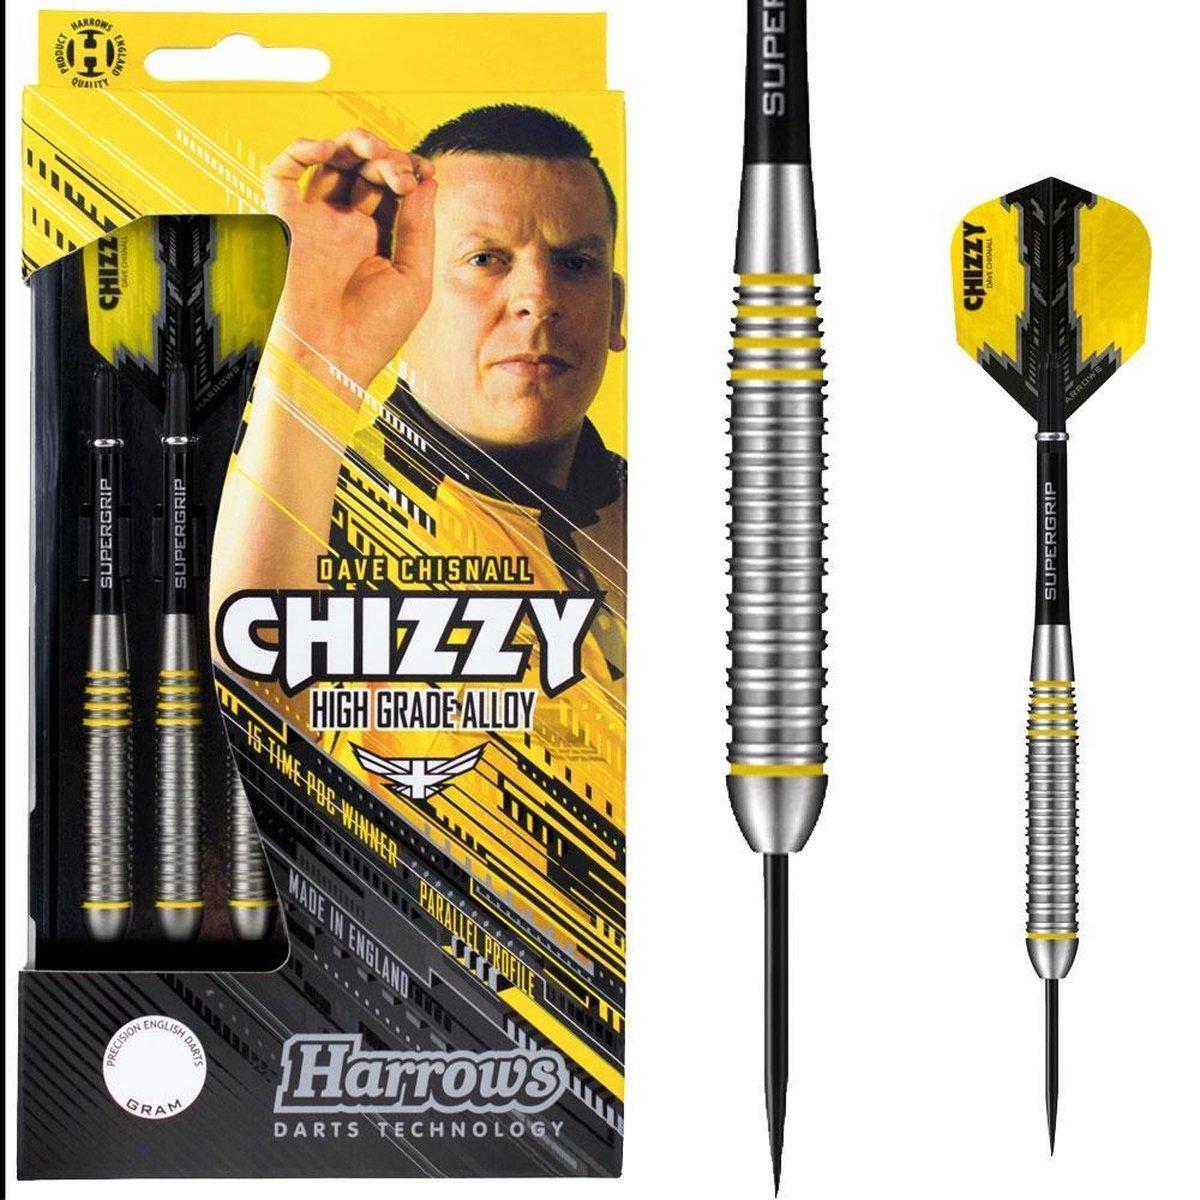 Harrows Dartpijlen Chizzy High Grade Alloy Steeltip Gewicht 24